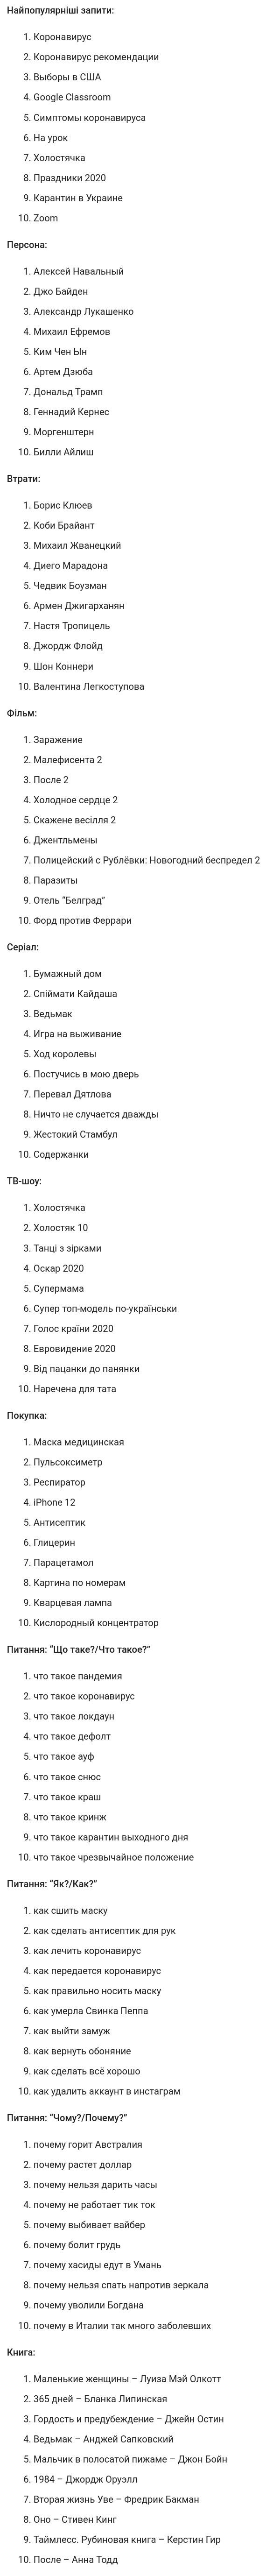 Список наиболее популярных поисковых запросов украинцев в Google за 2020 год